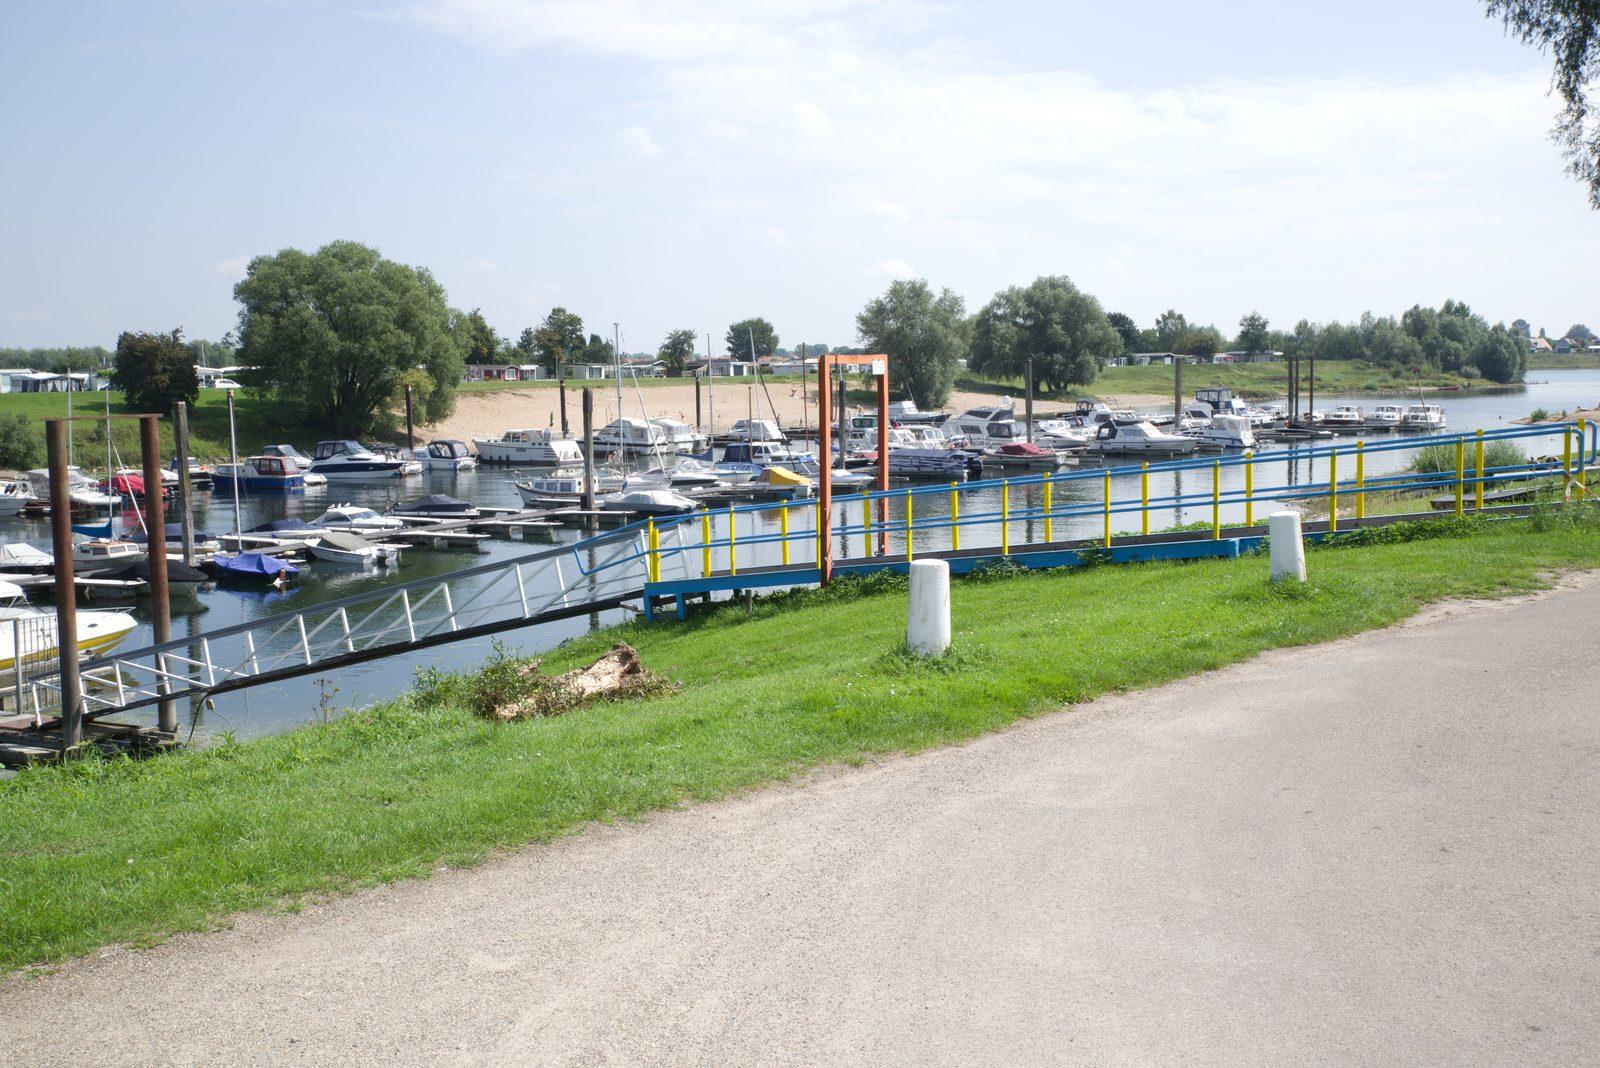 Vakantieparken aan het water